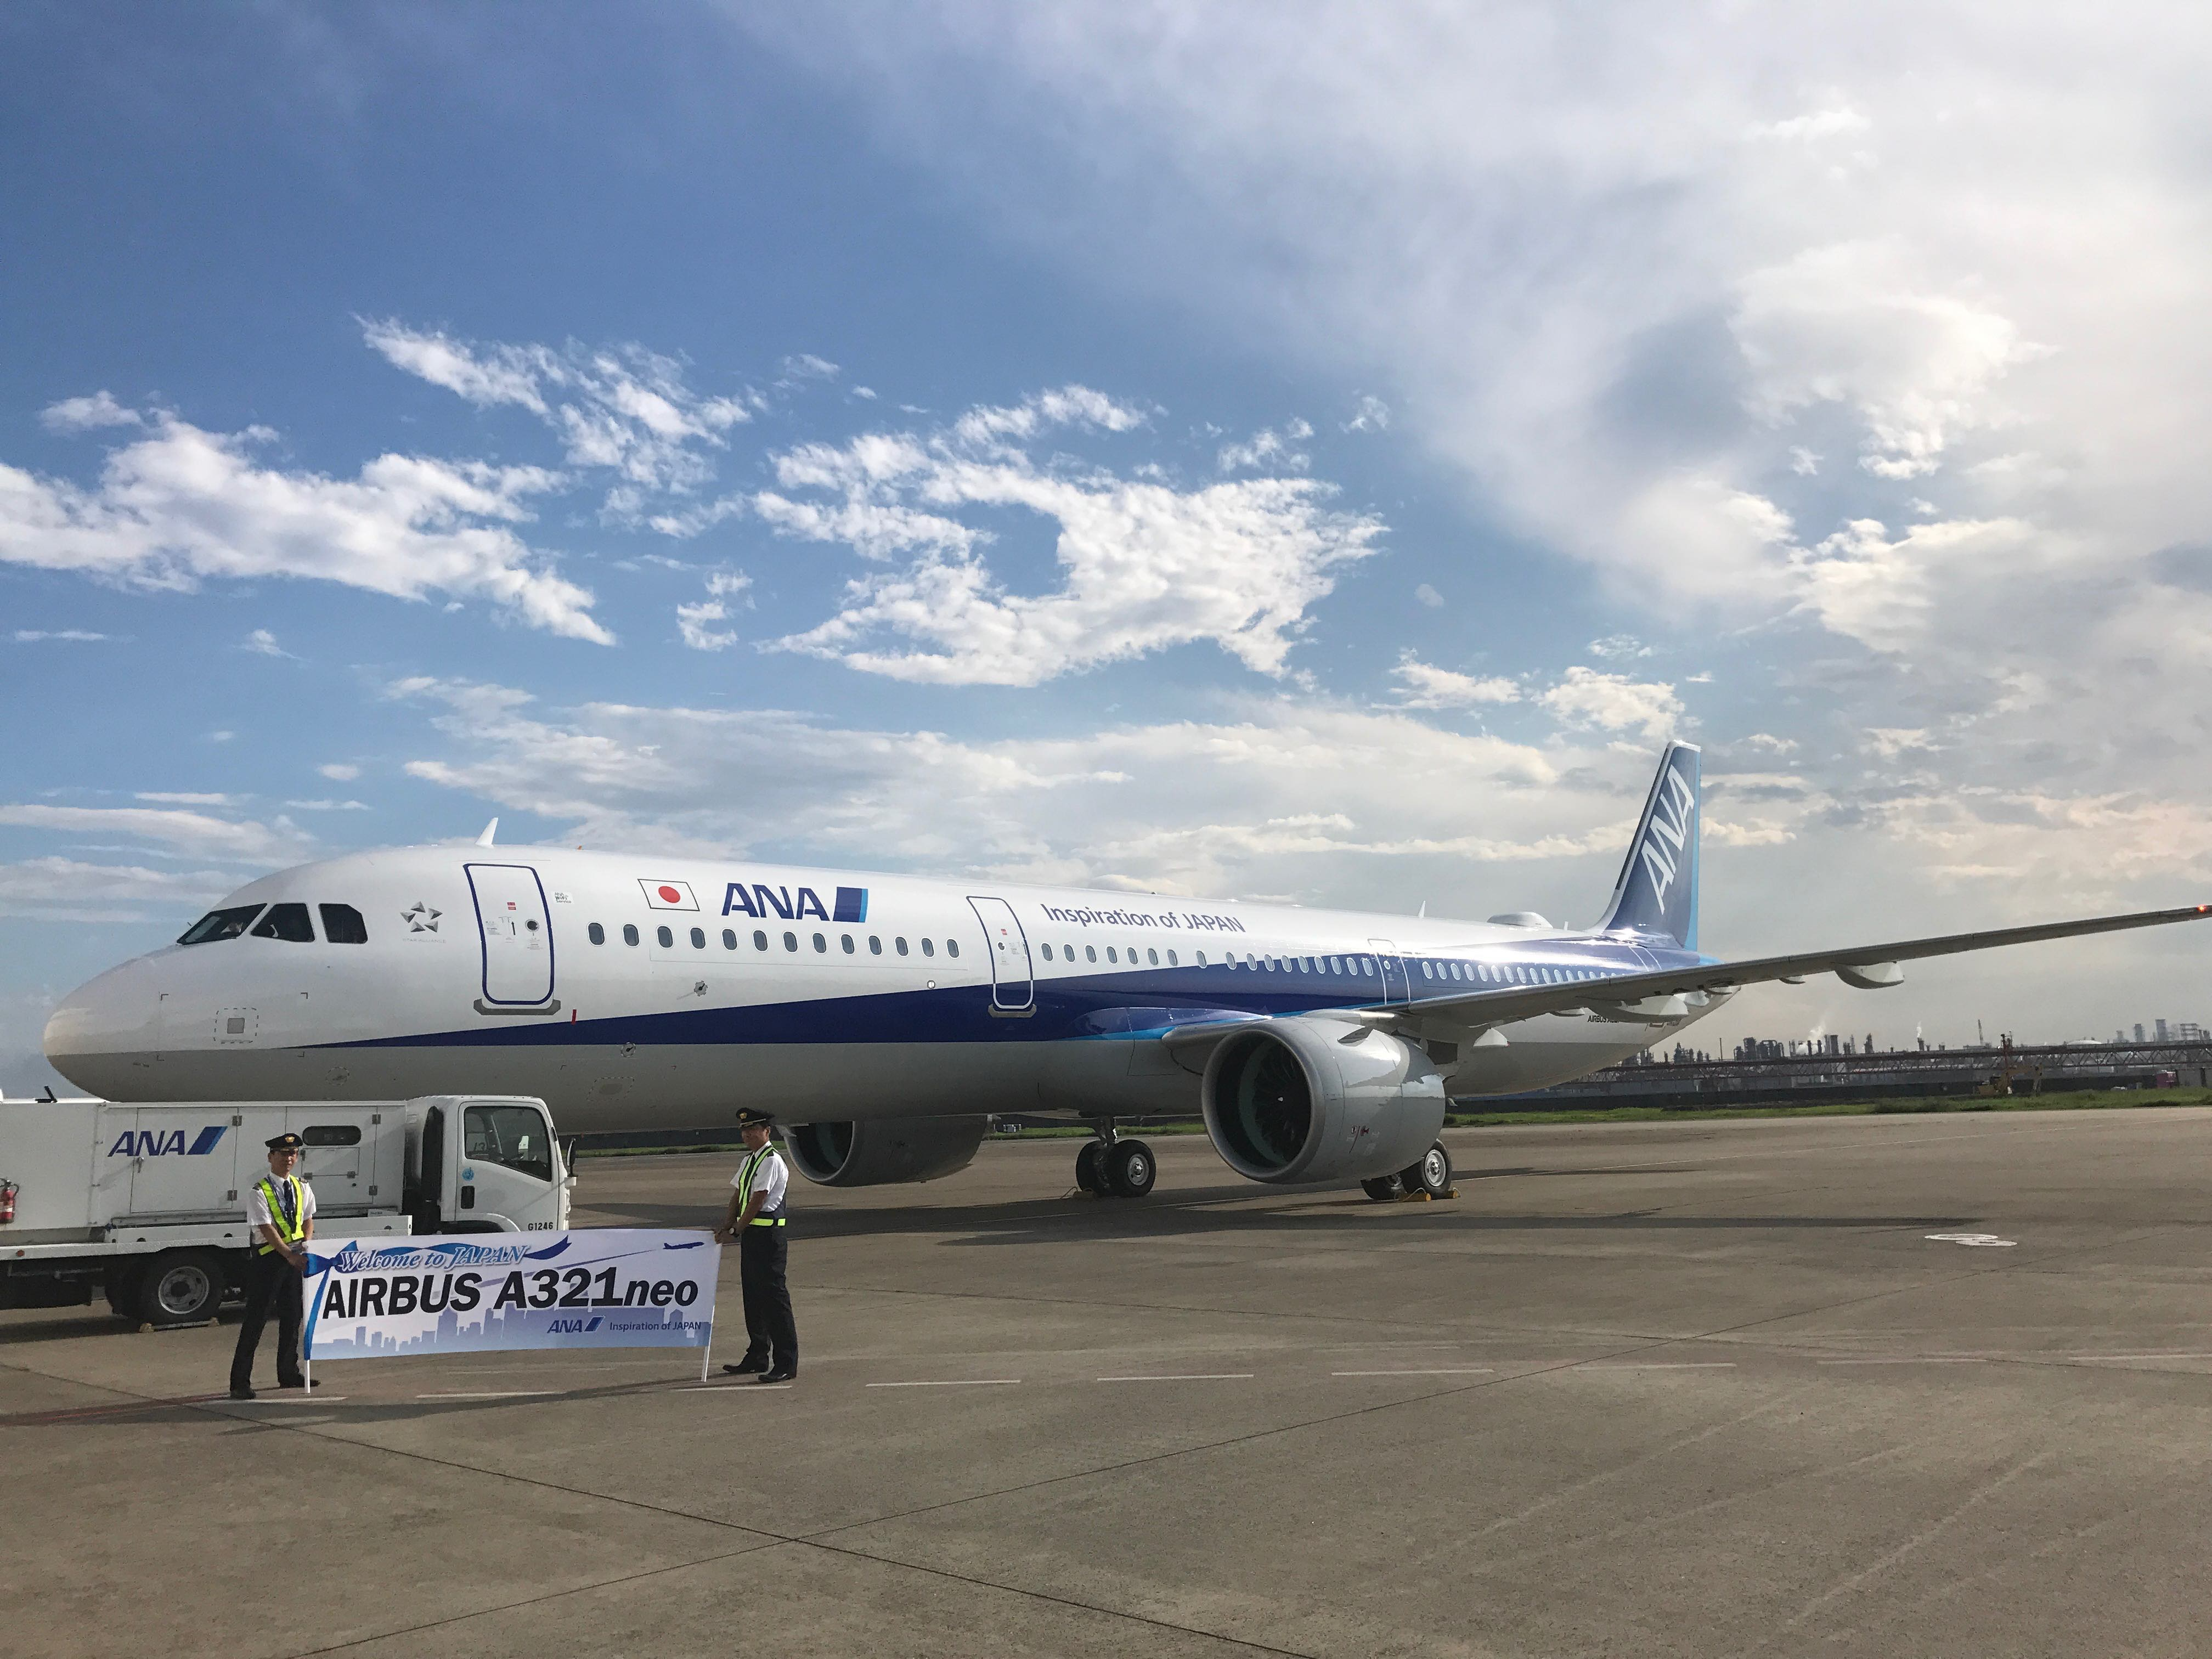 写真でみるANAの新旅客機「A321neo」、全席モニター装備で国内線仕様、日本初導入の羽田到着便を取材した【画像】